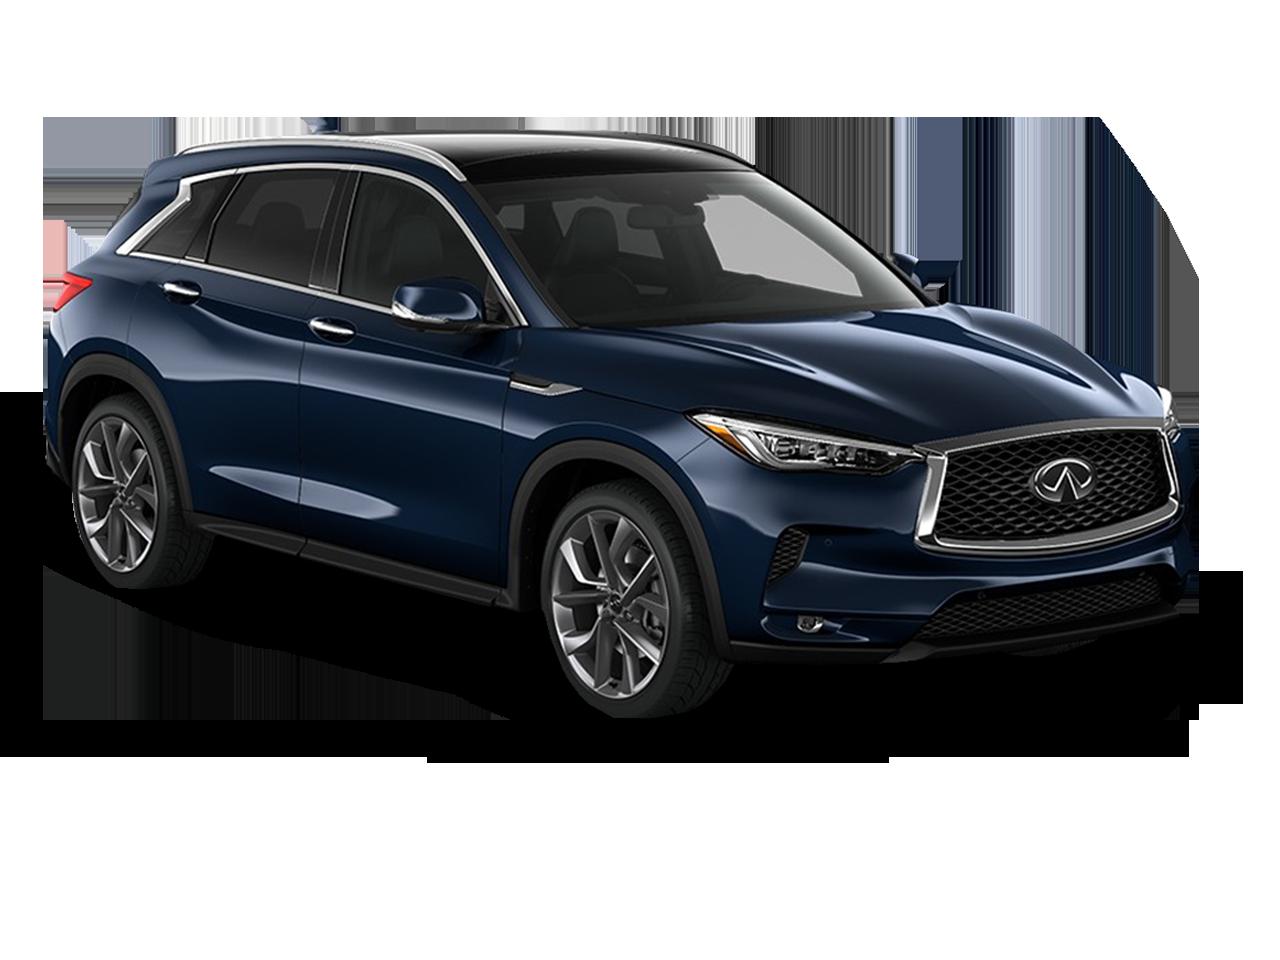 Research The 2019 INFINITI QX50 AWD in Denver